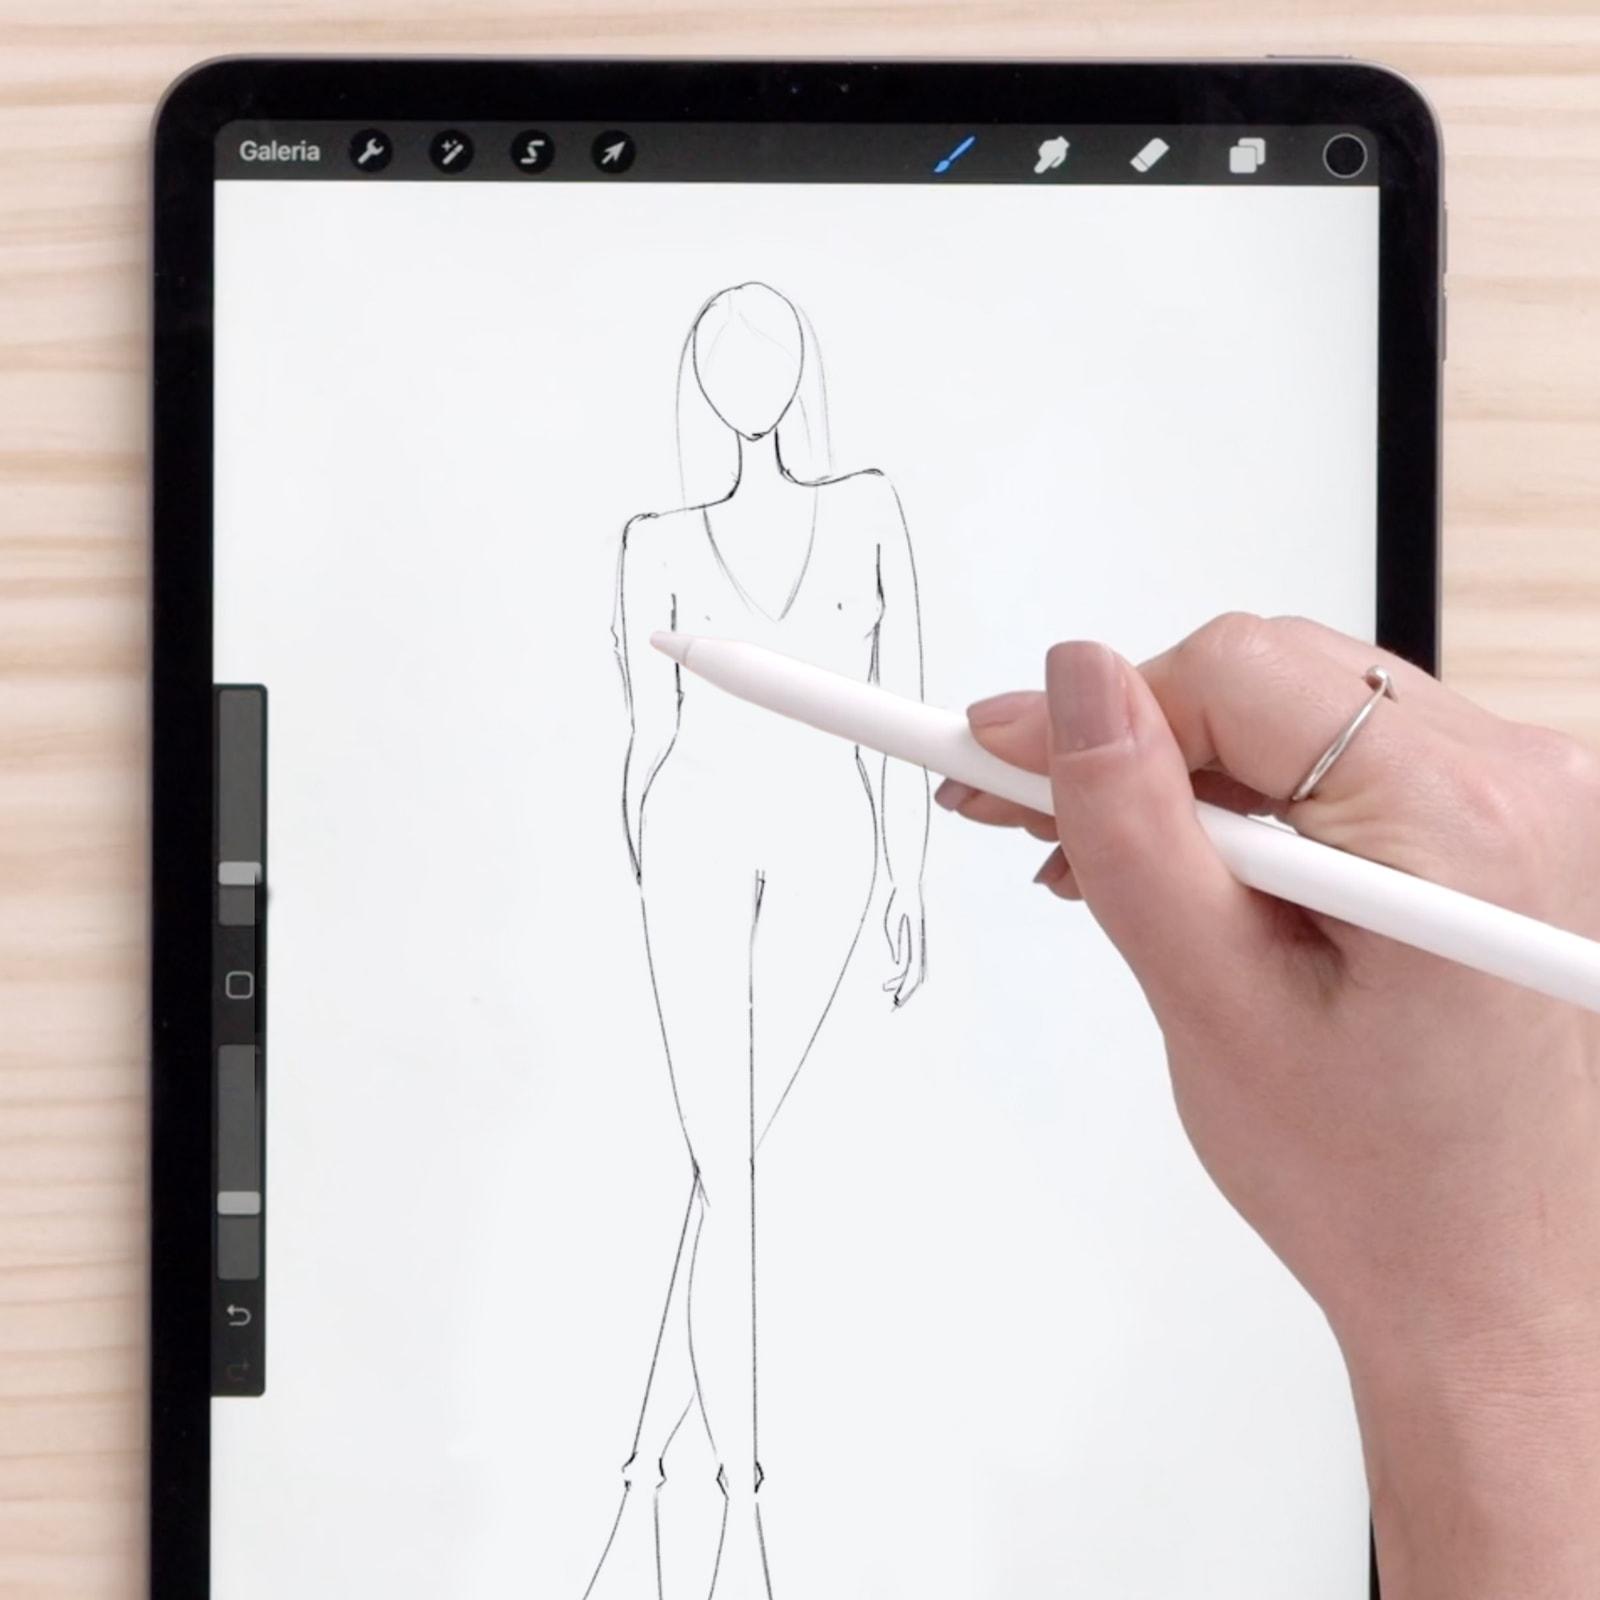 Tutorial Procreate: como fazer um croqui de moda no iPad